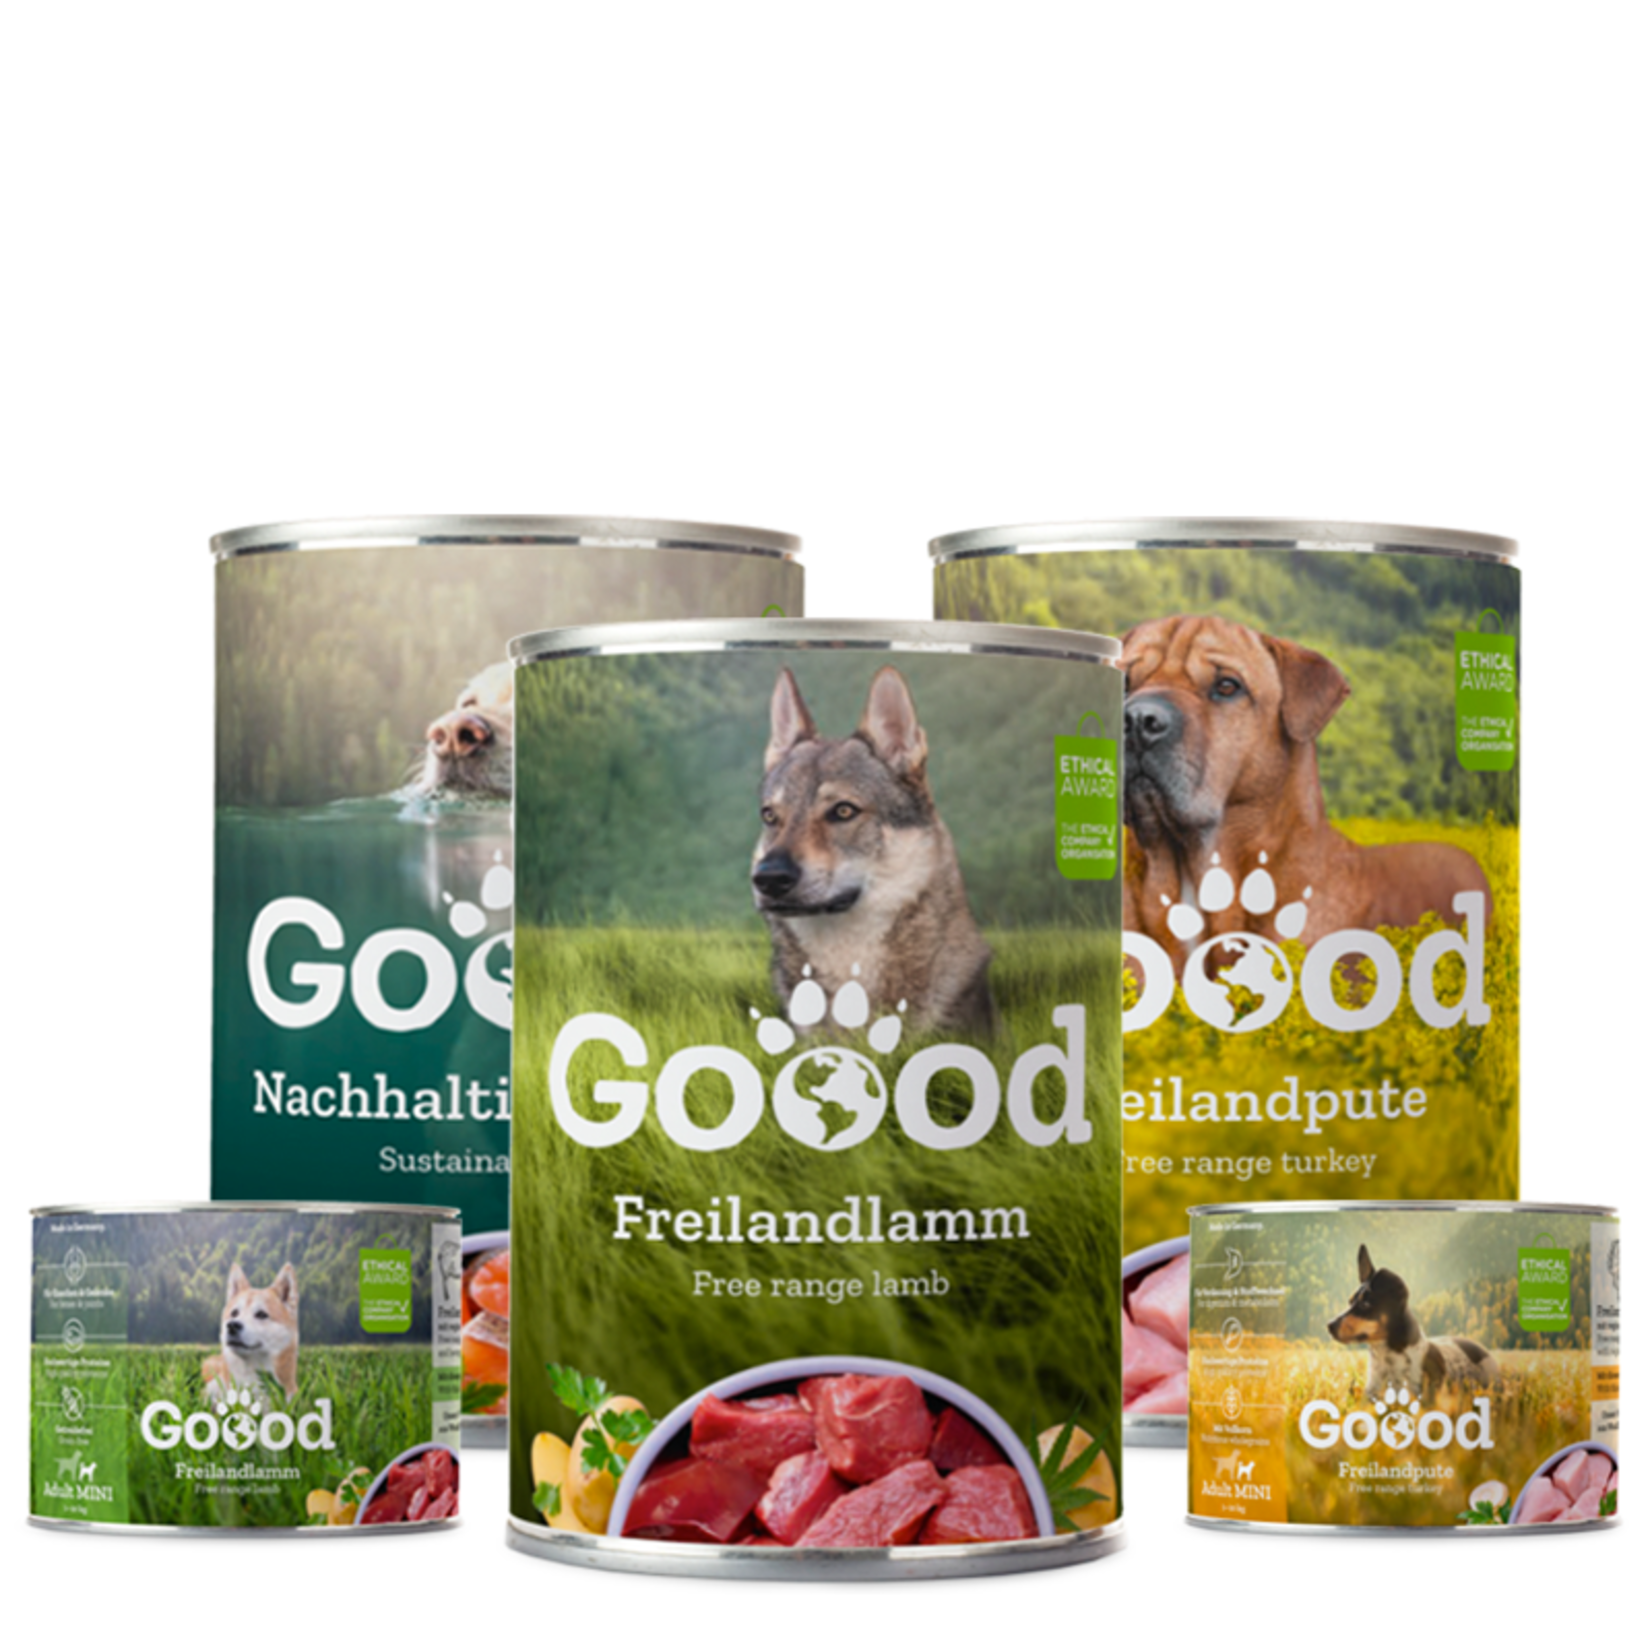 Goood Pet Food Zorg goed voor jouw Homie tijdens jouw reis